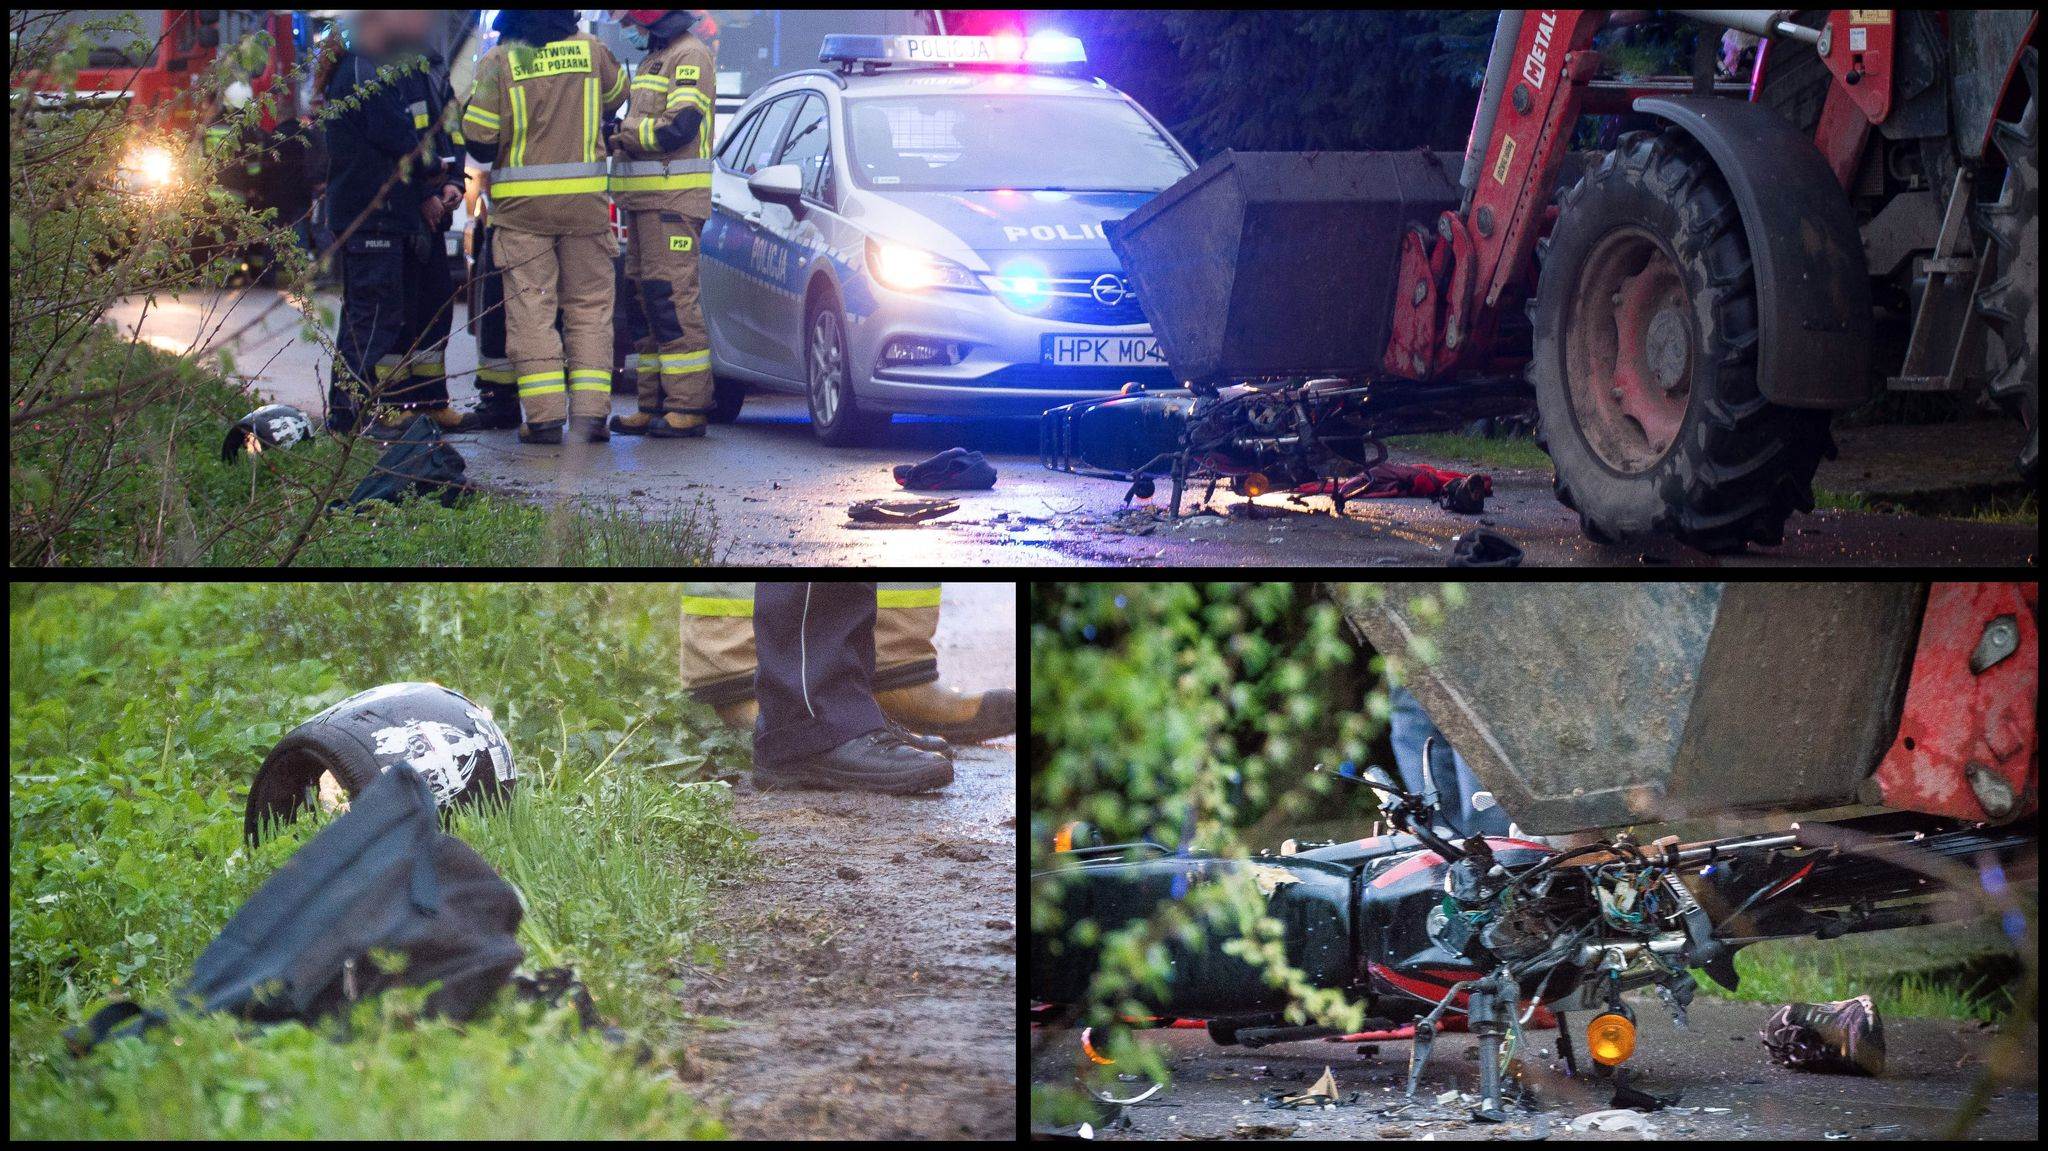 Zderzenie ciągnika rolniczego z motocyklem [ZDJĘCIA] - Zdjęcie główne